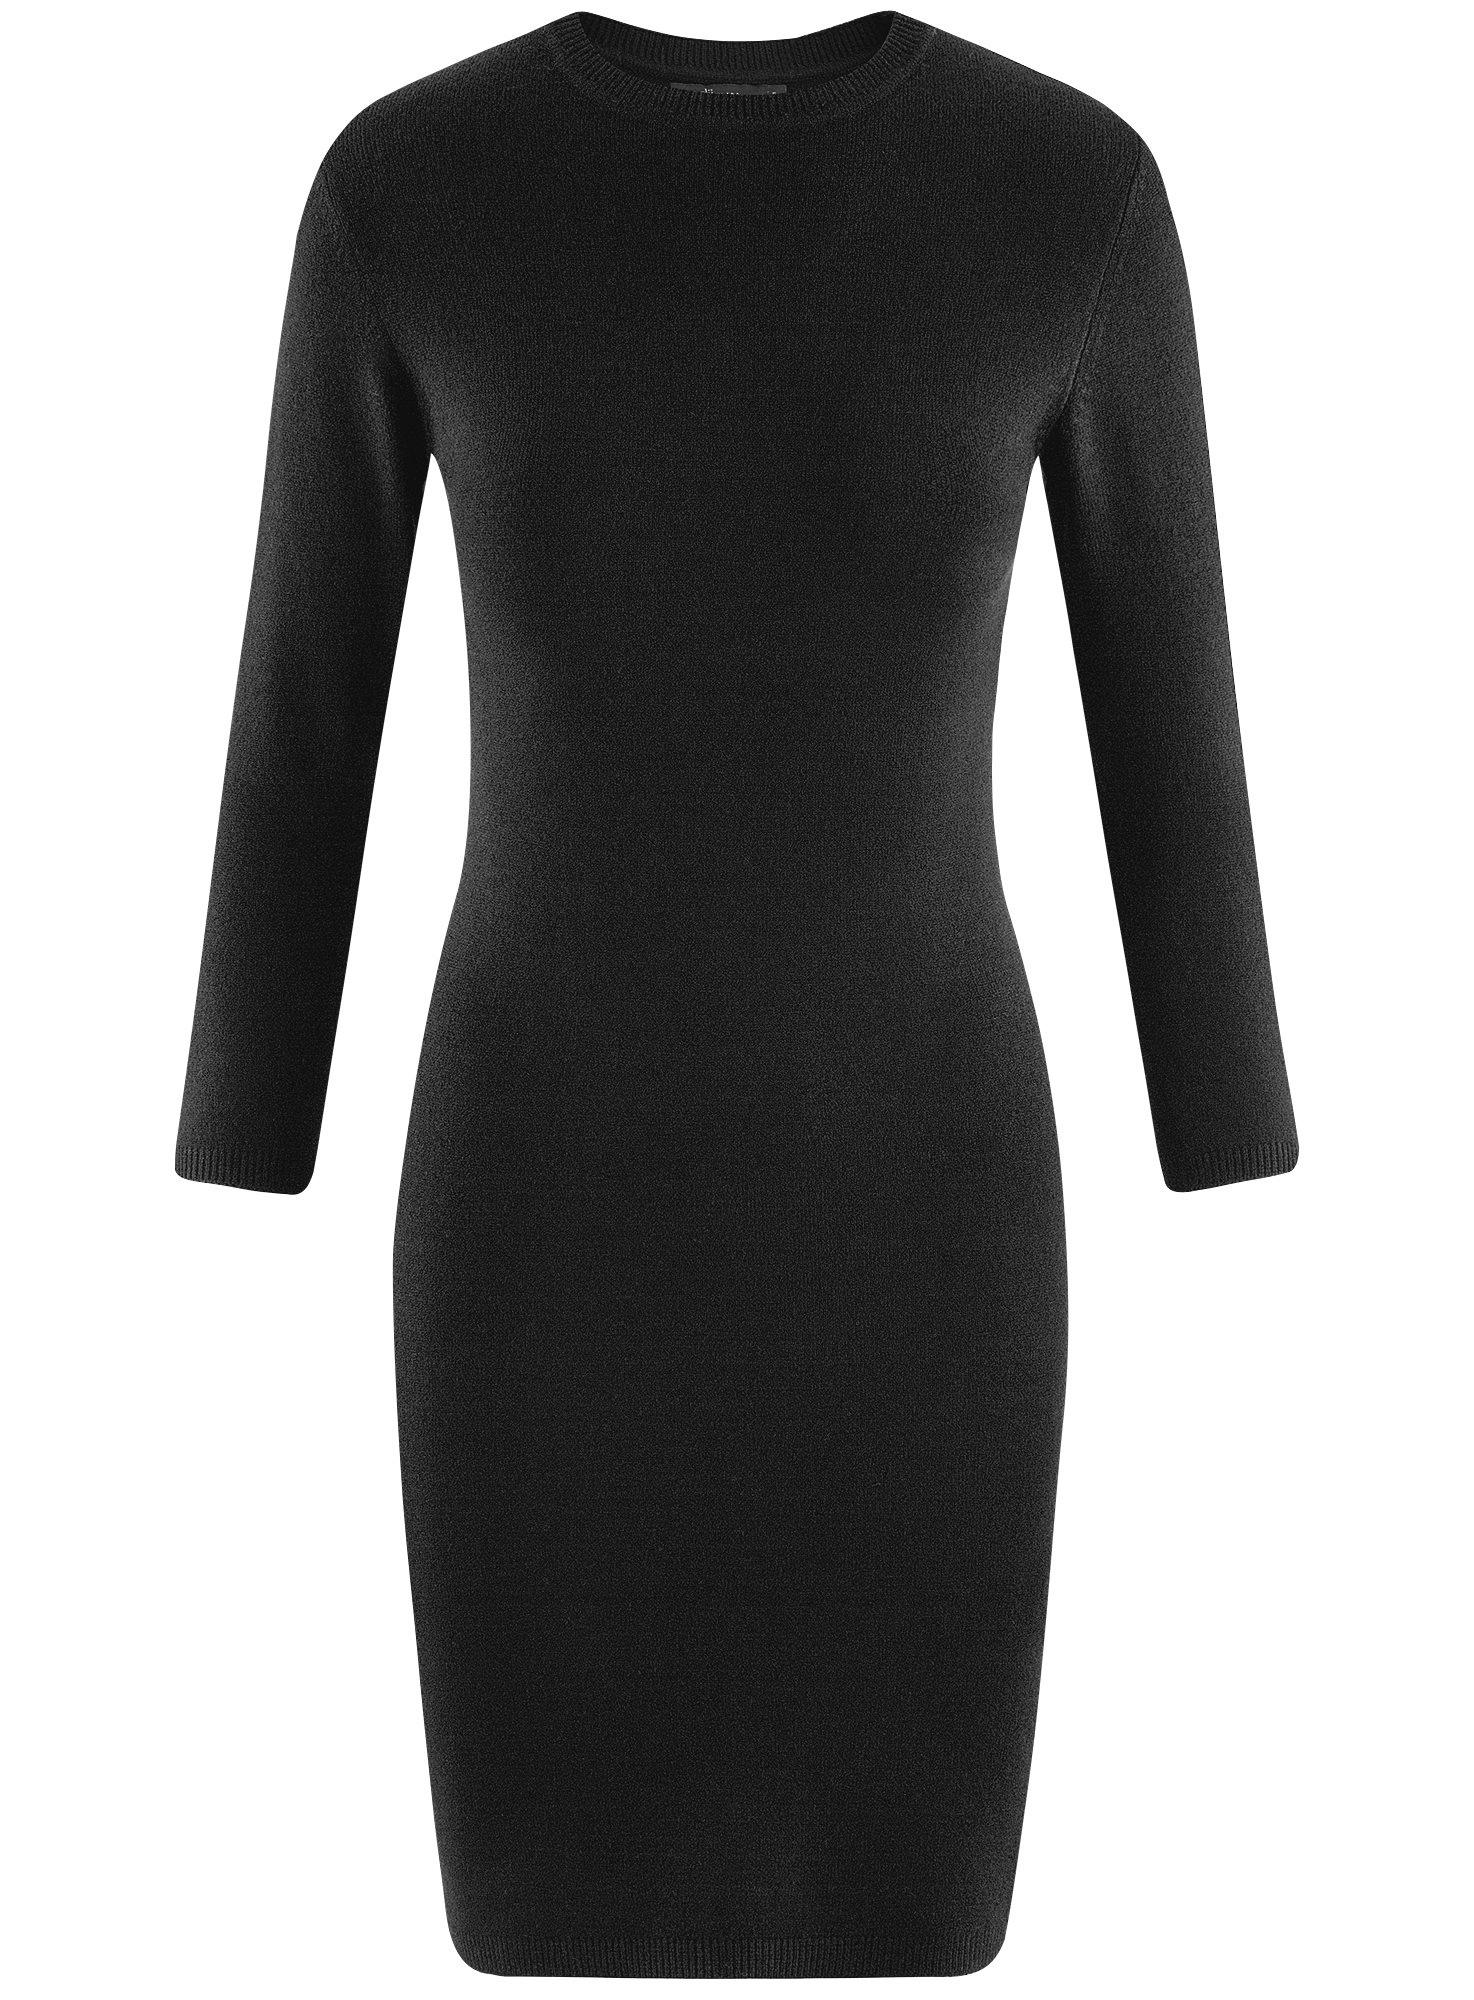 Платье базовое с рукавом 3/4 oodji для женщины (черный), 63912222-1B/46244/2900N